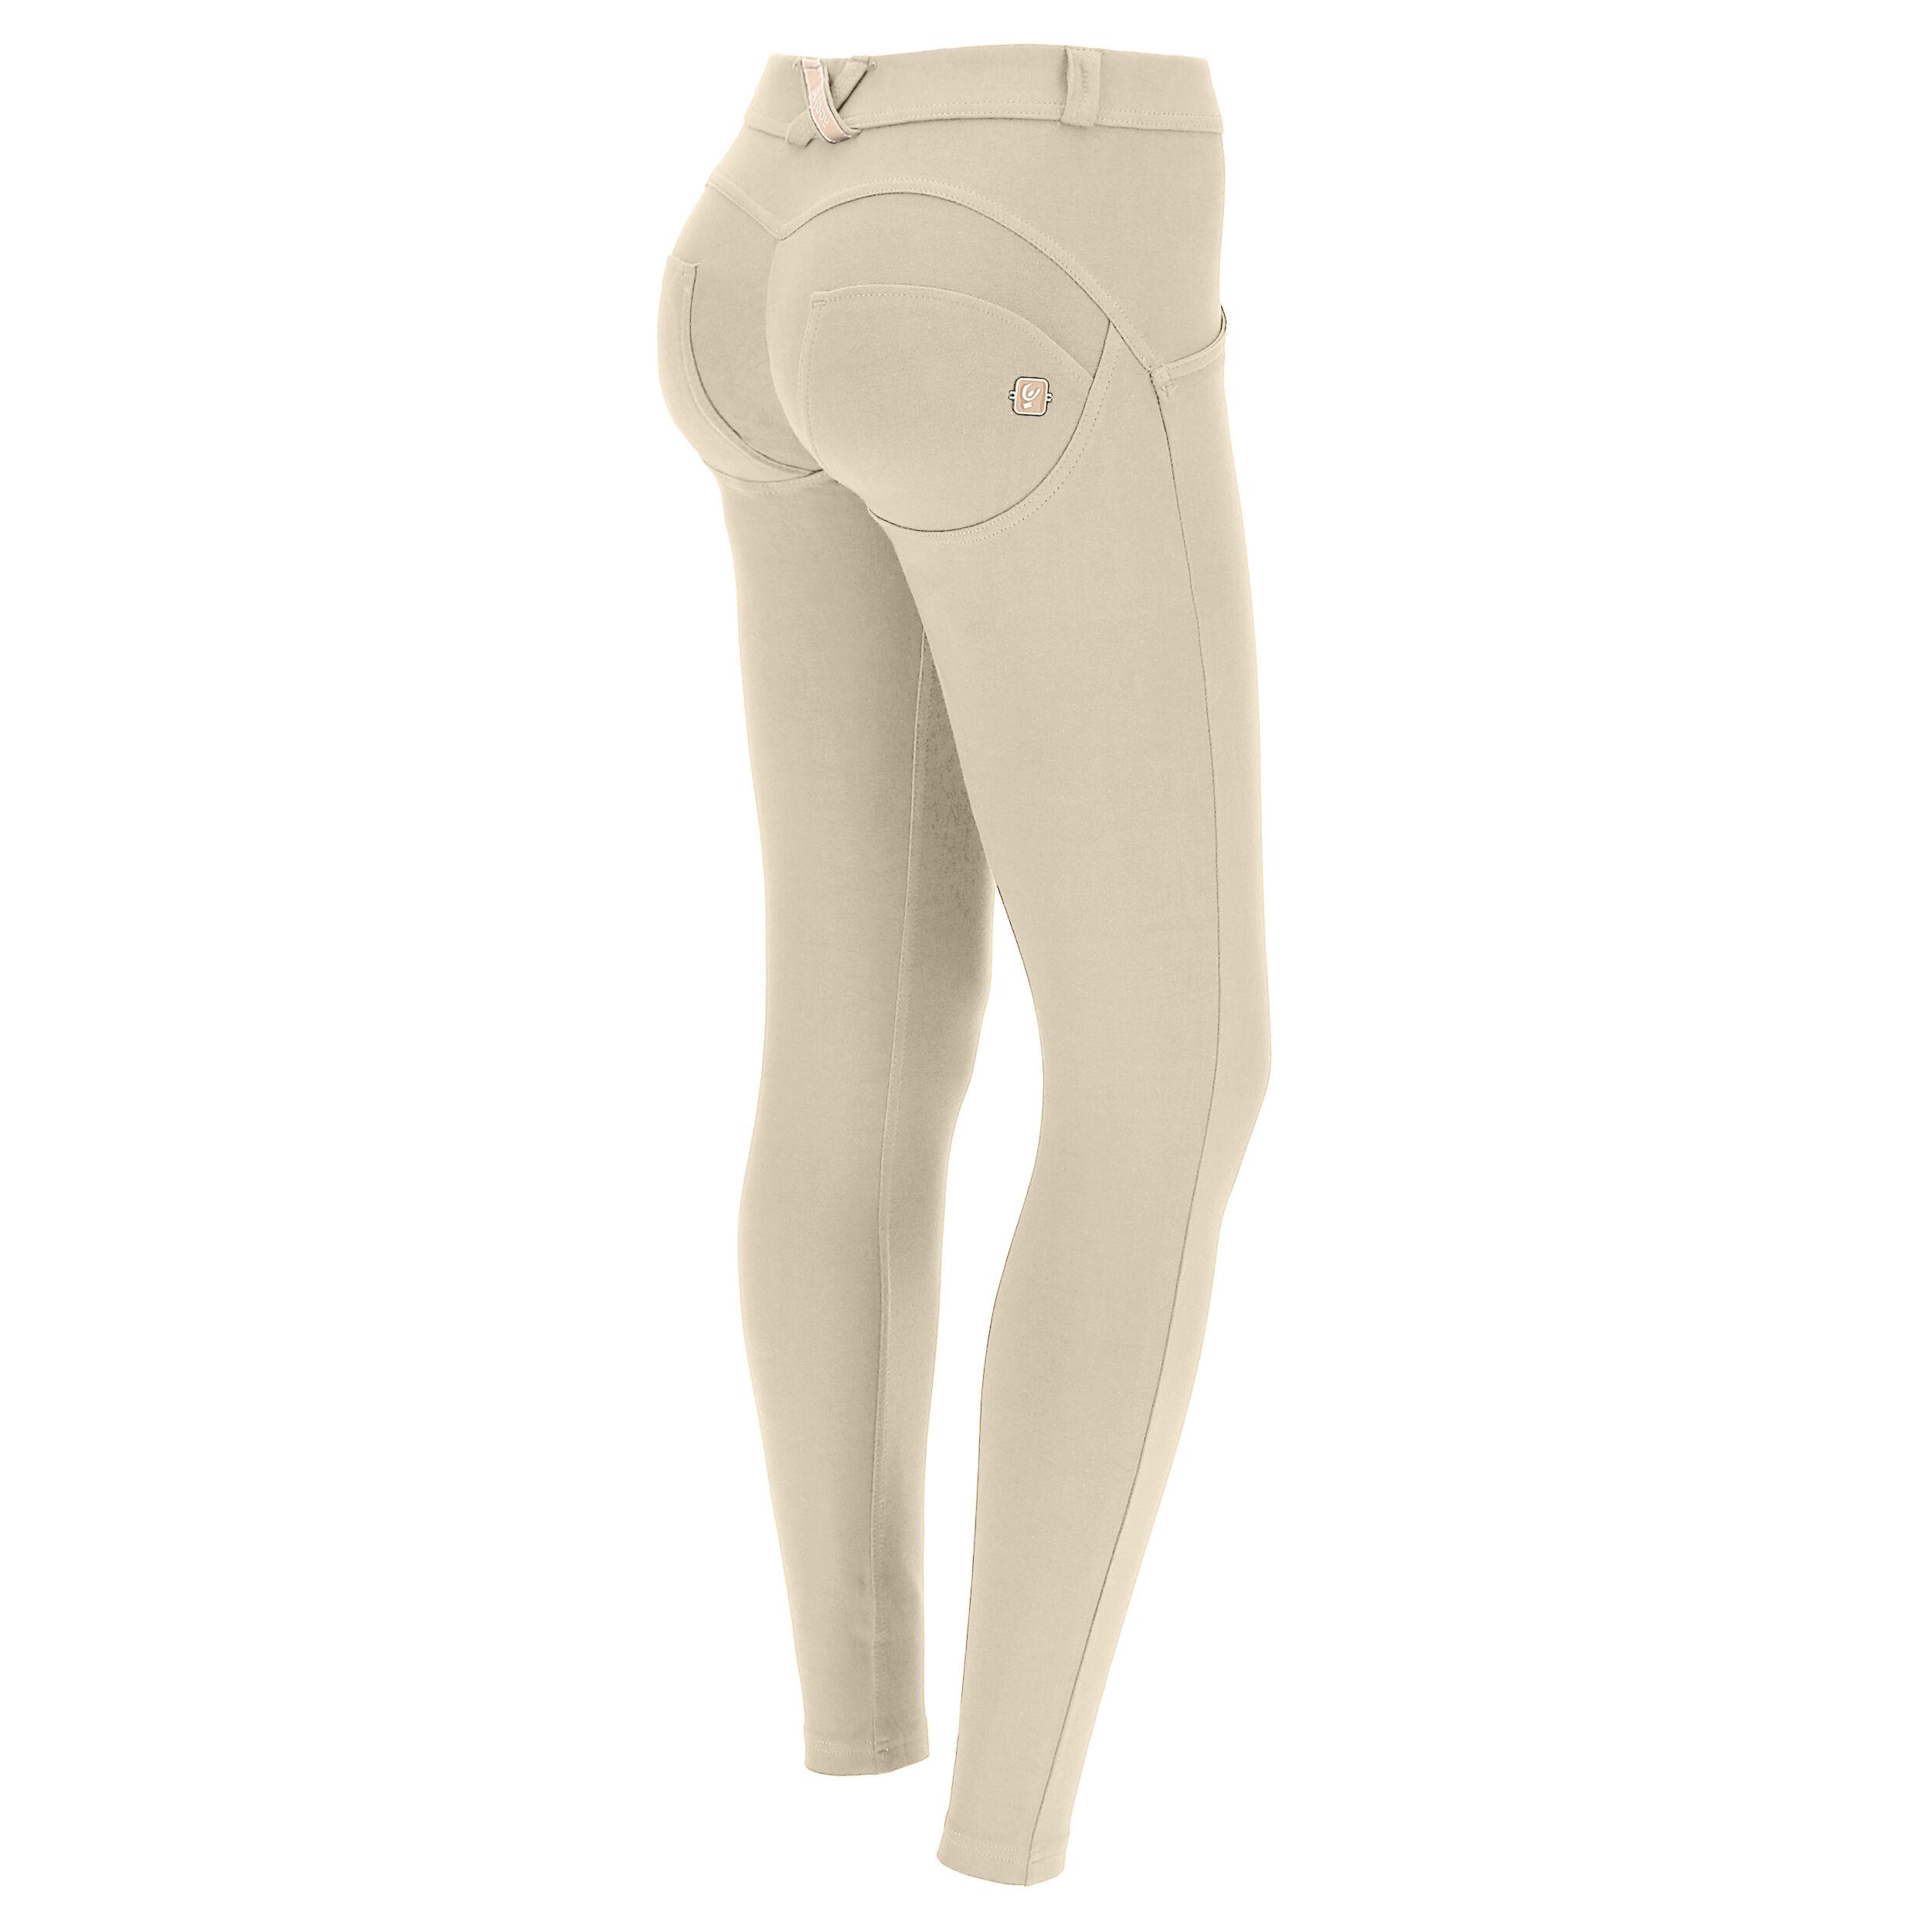 Freddy Pantalone WR.UP® skinny in cotone elasticizzato Rainy Day